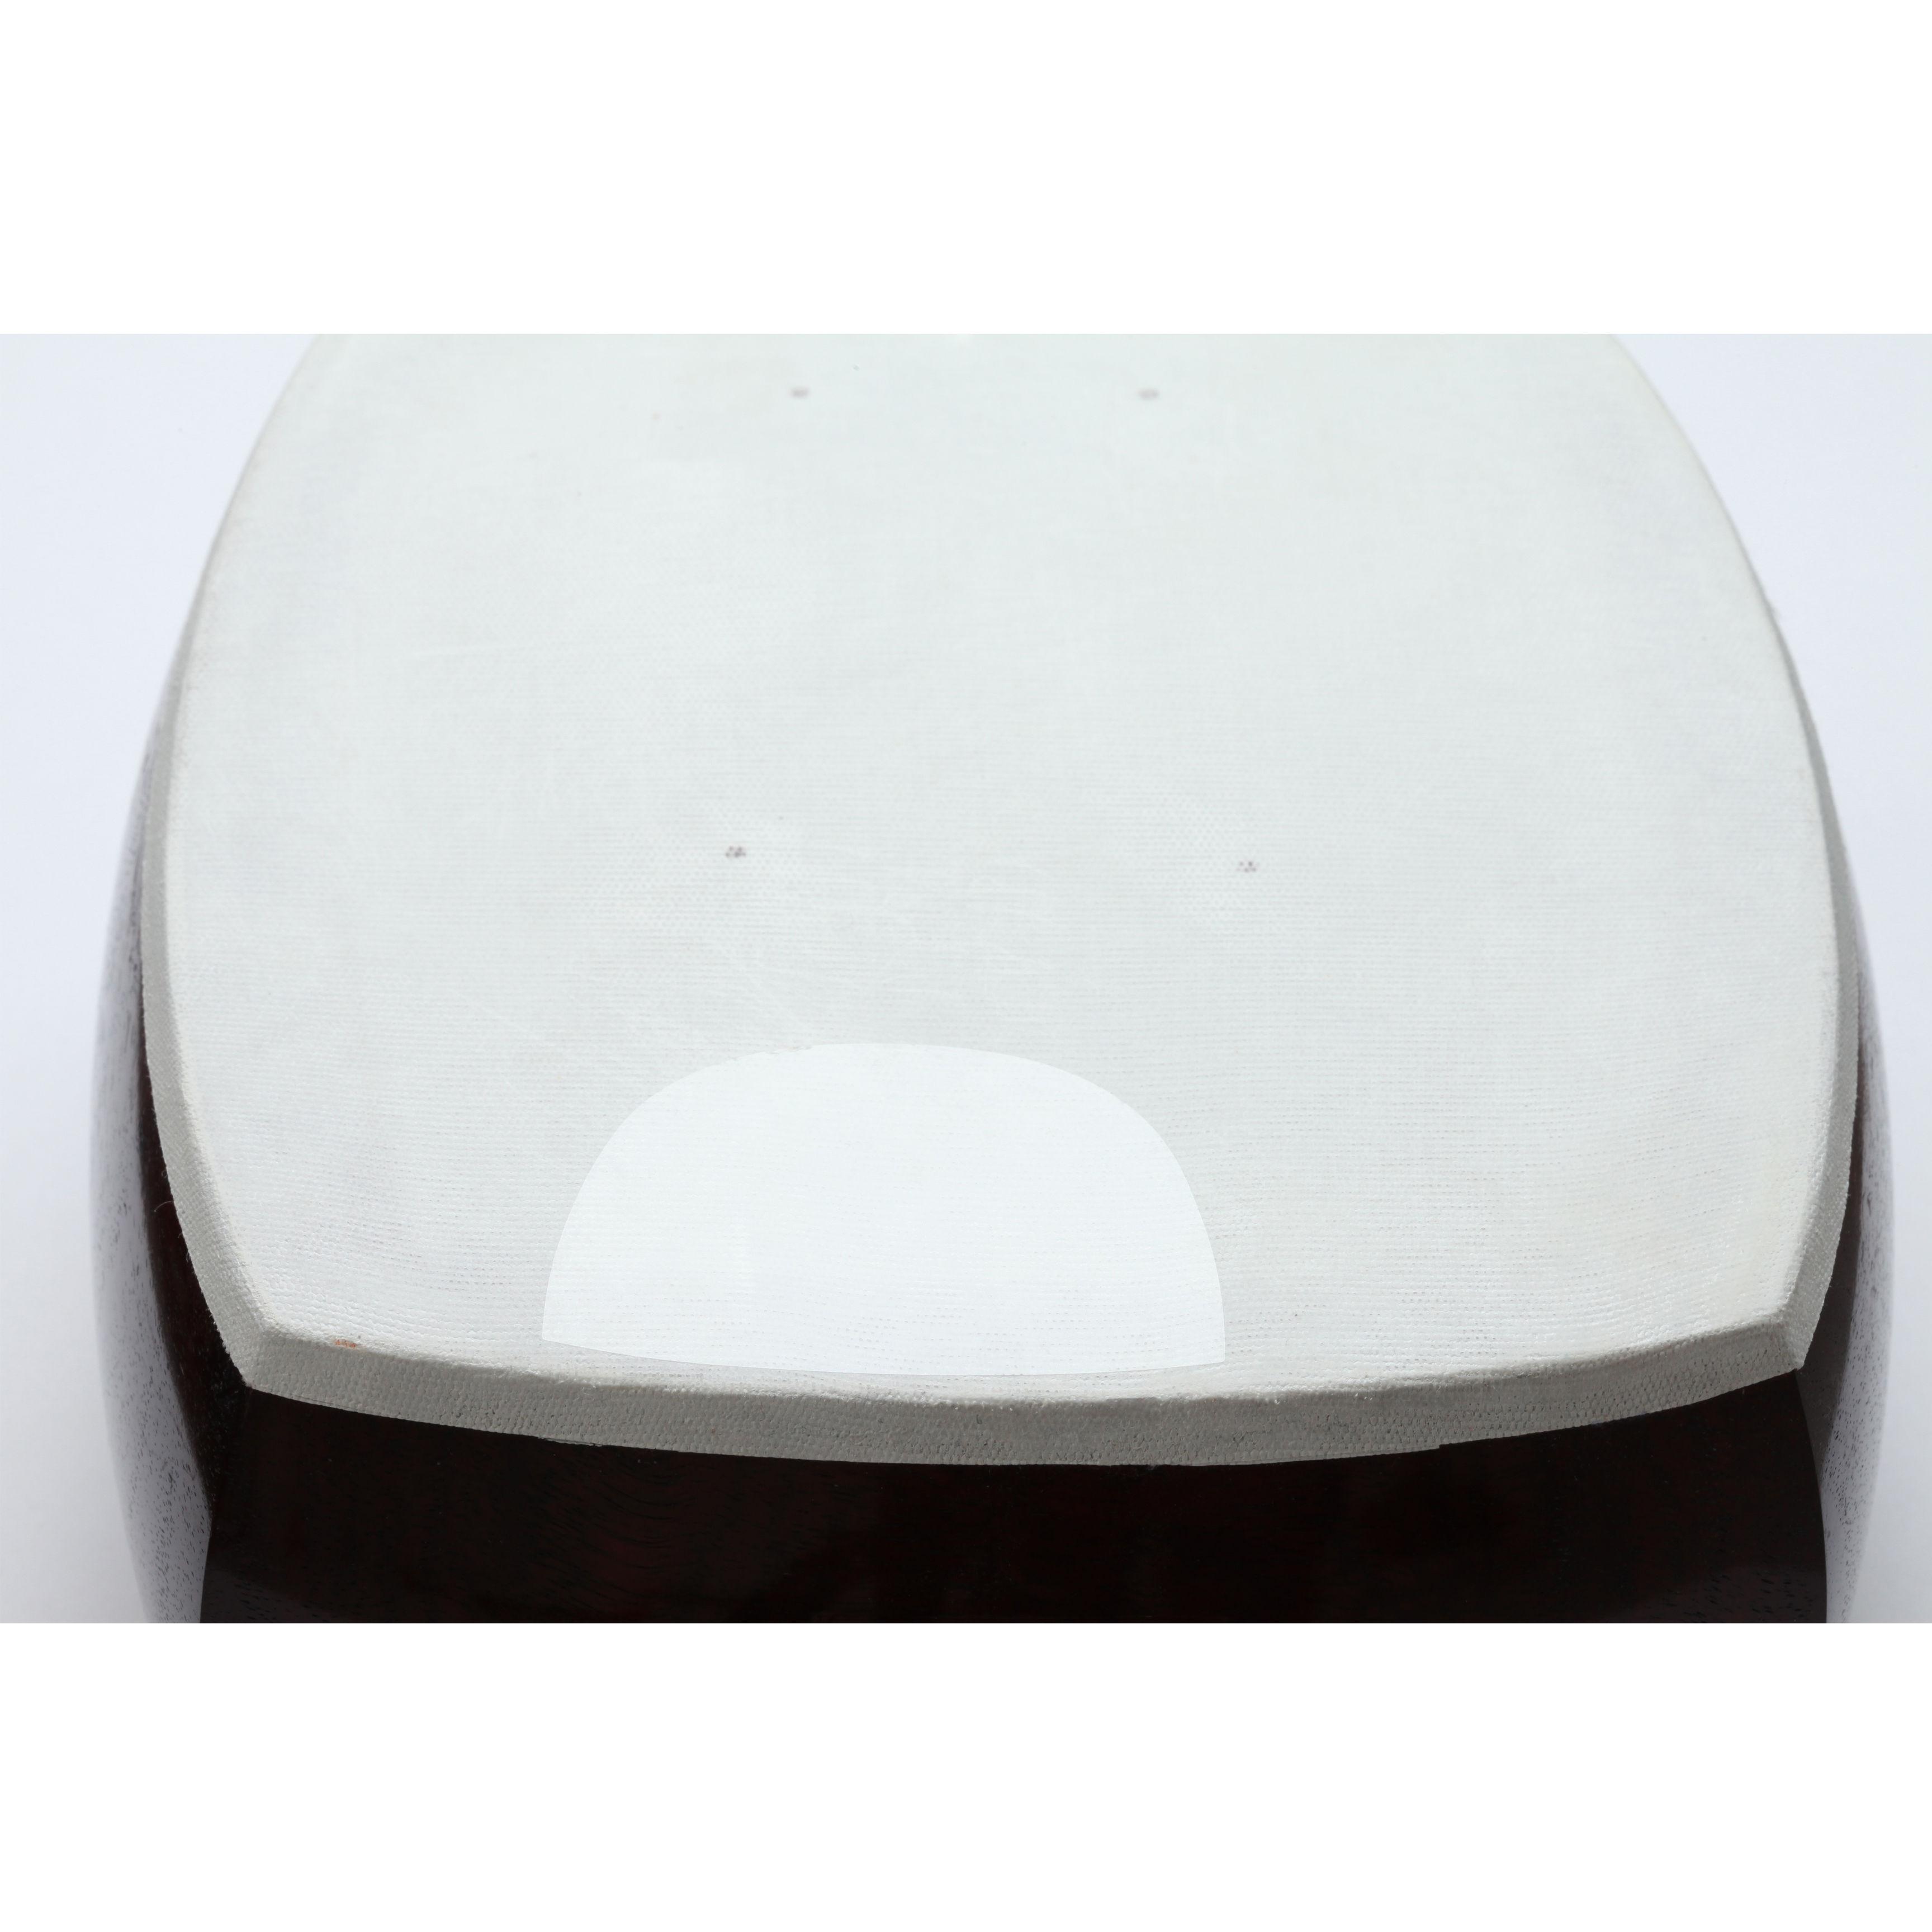 [29085]【地唄】ウラ 一般用三味線人工皮リプル張り替え